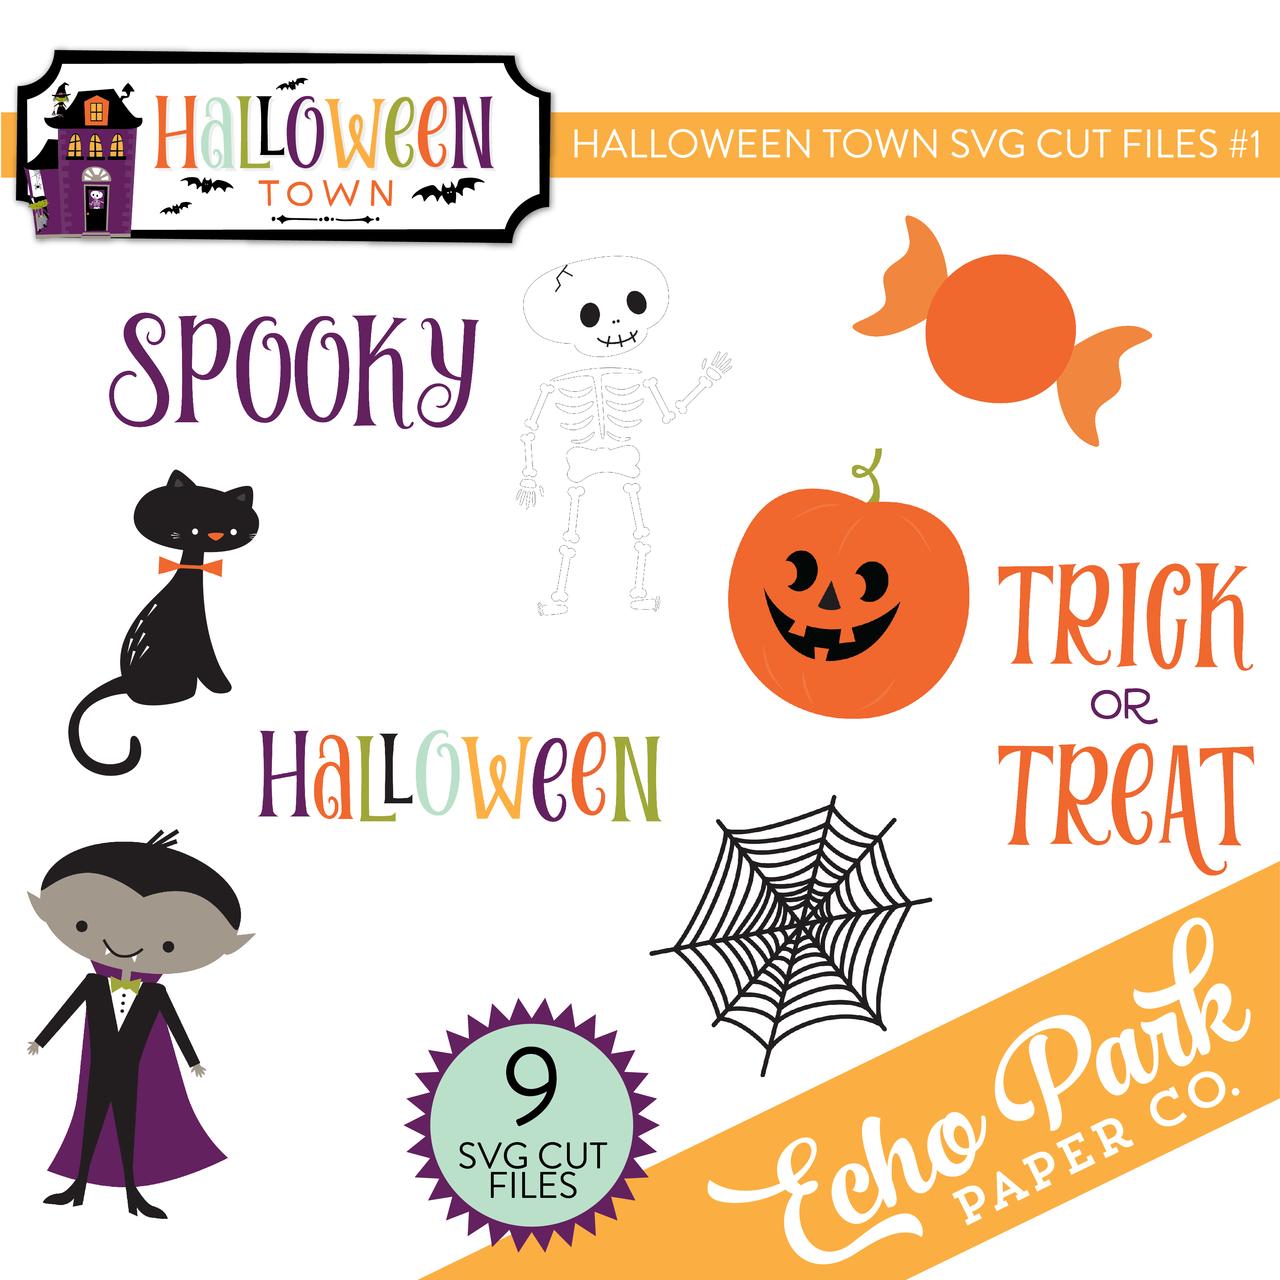 Halloween Town SVG Cut Files #1